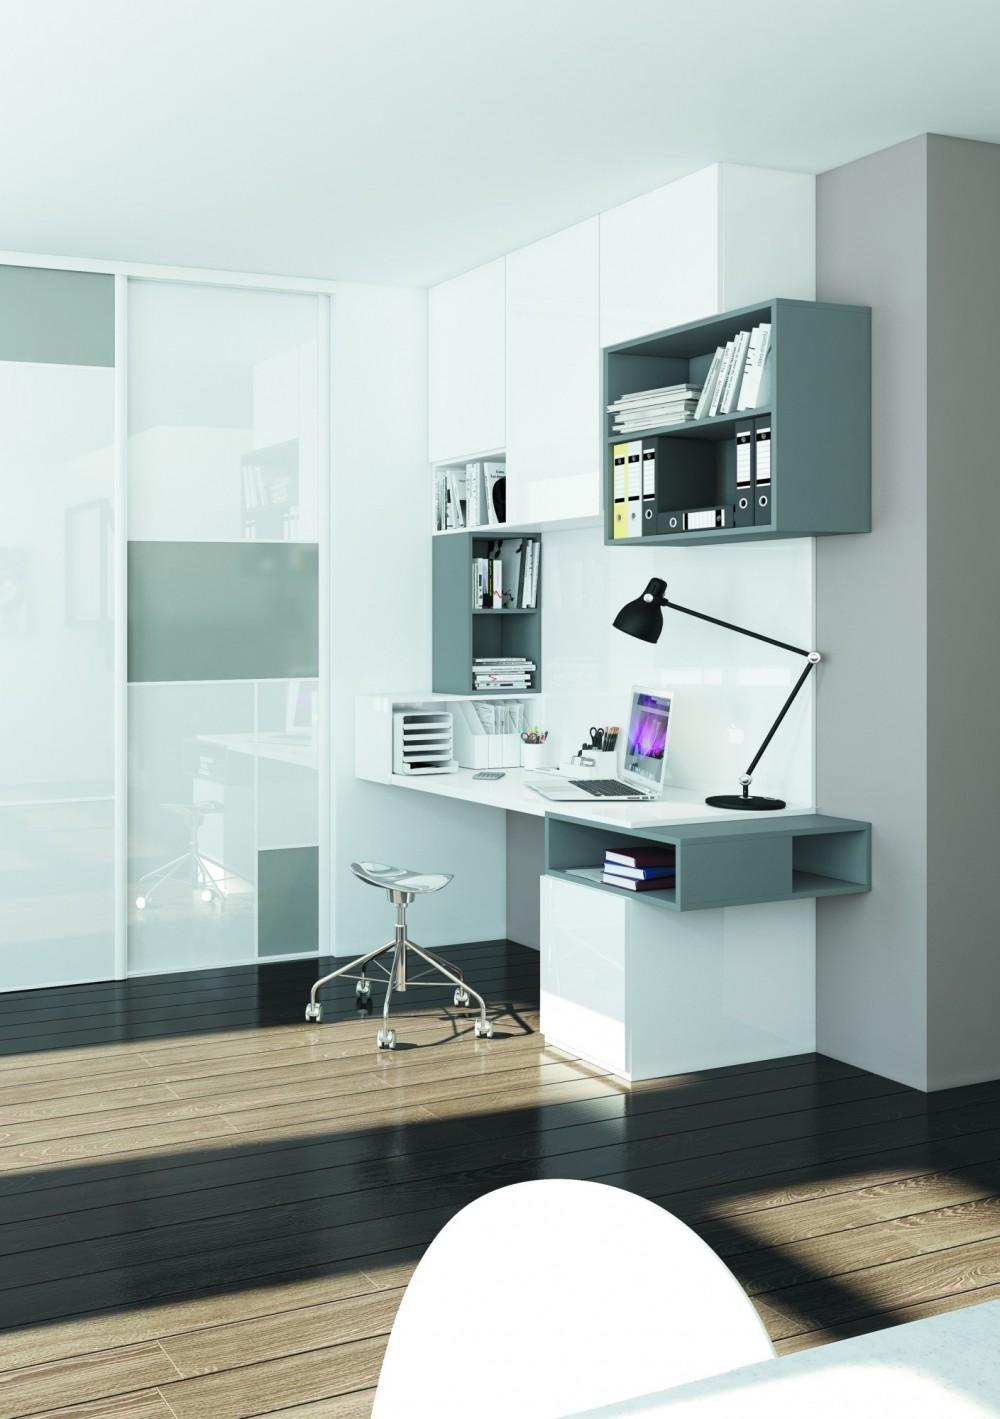 placard et rangement nantes 4 route de vannes 44100. Black Bedroom Furniture Sets. Home Design Ideas